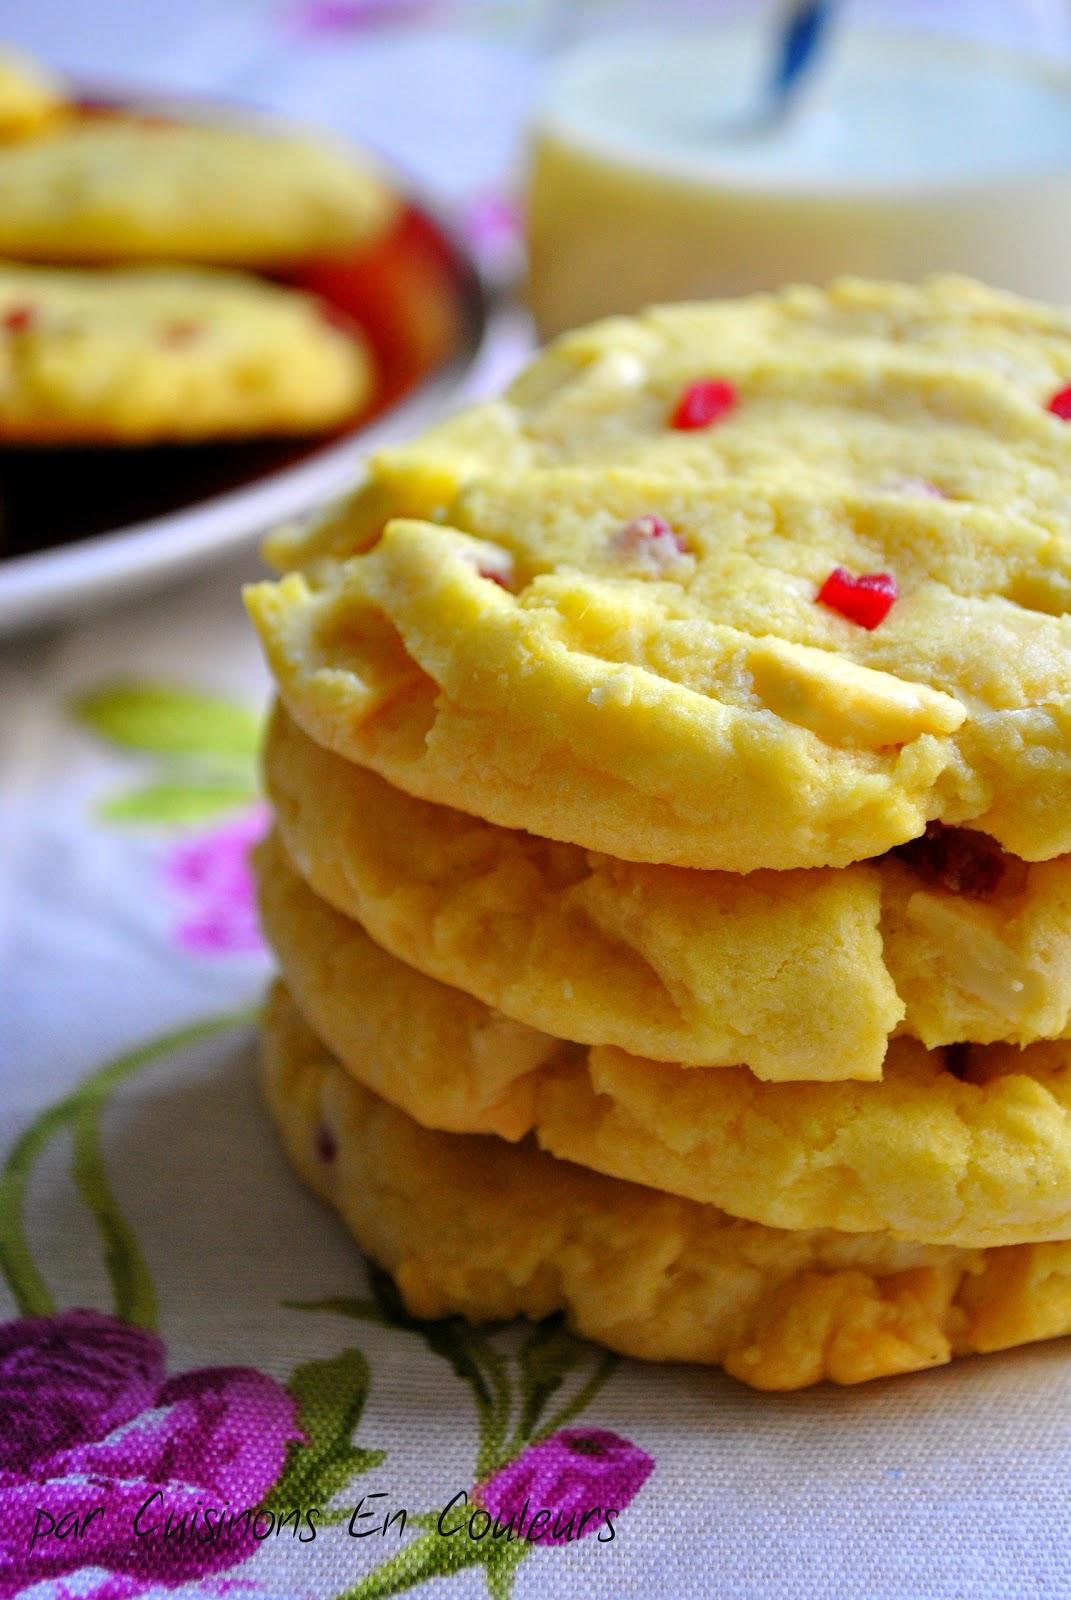 Cookies aux clats de framboises et chocolat blanc recette de laura todd cuisinons en couleurs - Recette cookies laura todd ...